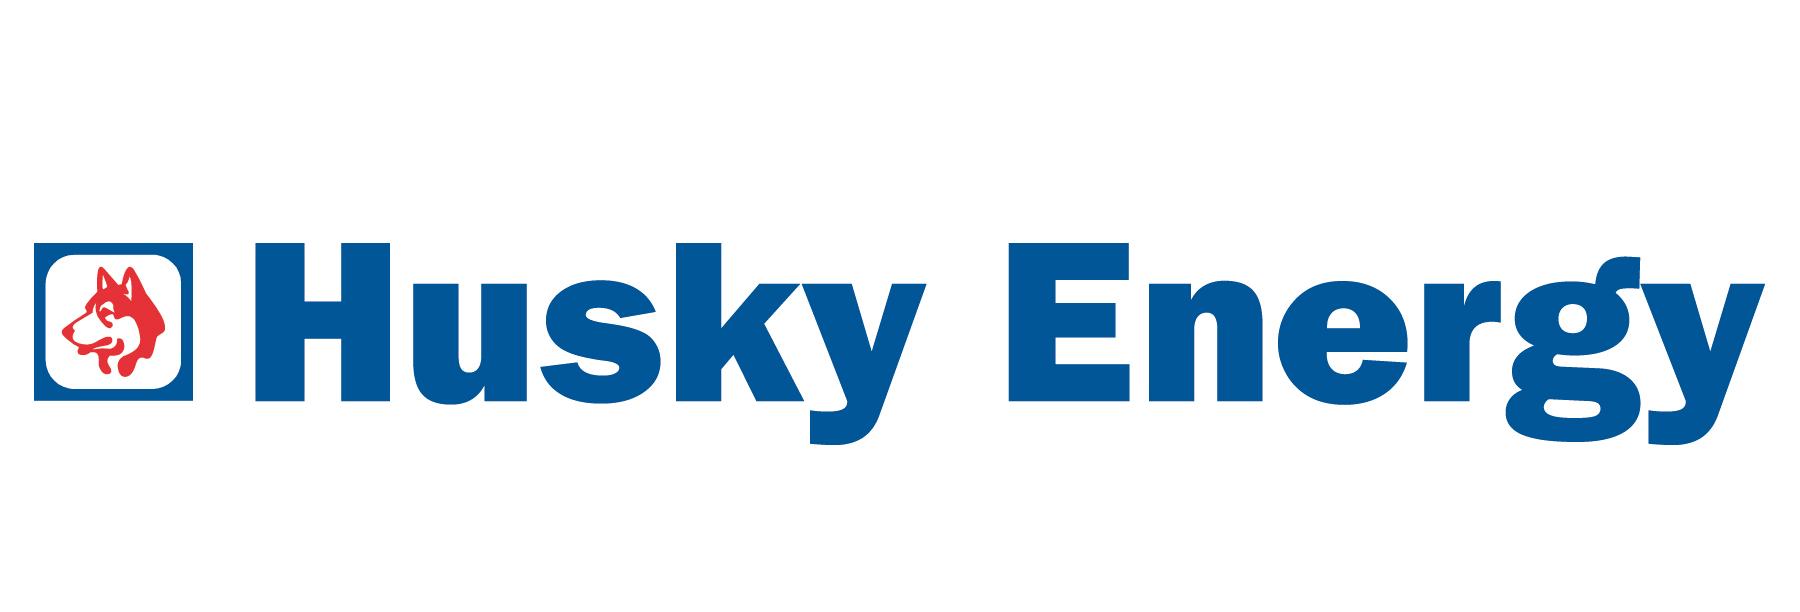 Husky Energy Logo PNG-PlusPNG.com-1800 - Husky Energy Logo PNG